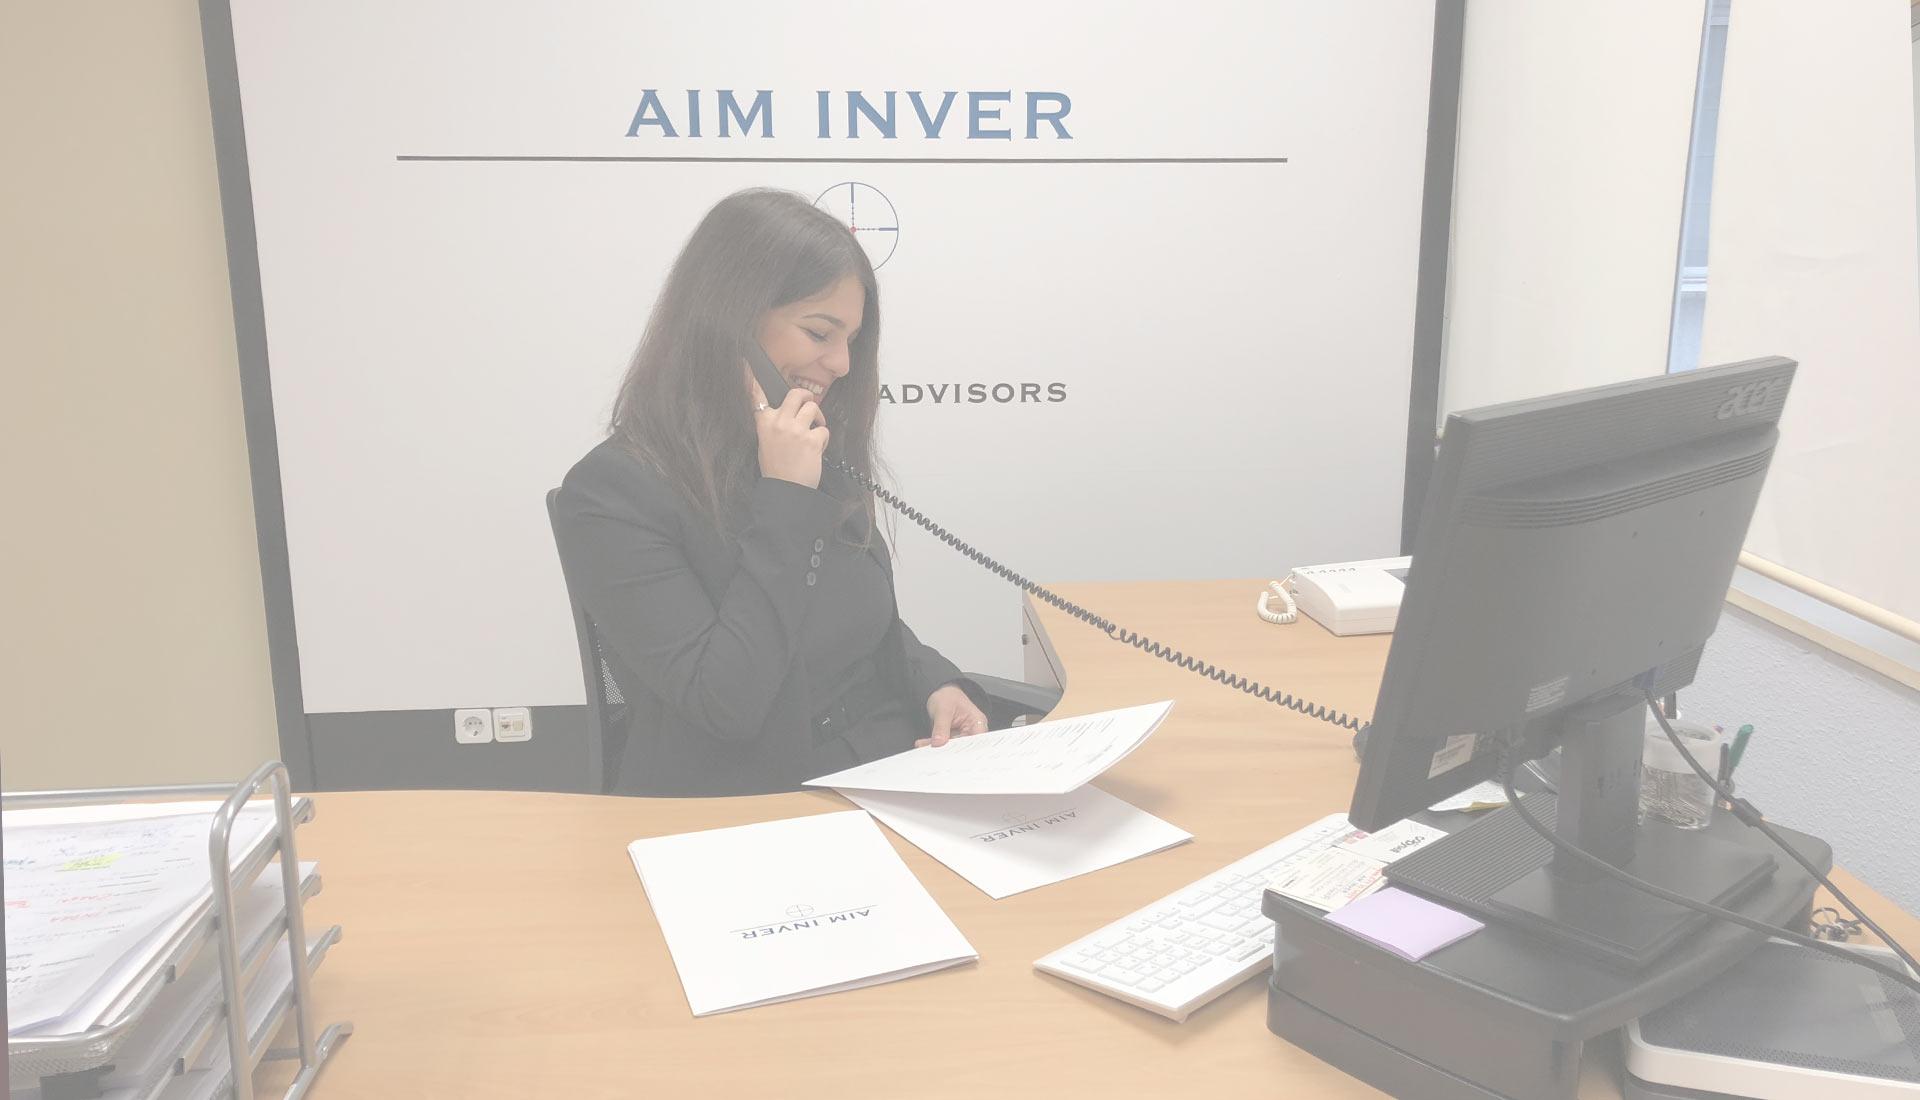 fondo-contactanos-aim-inver-asesores-Financieros-Madrid